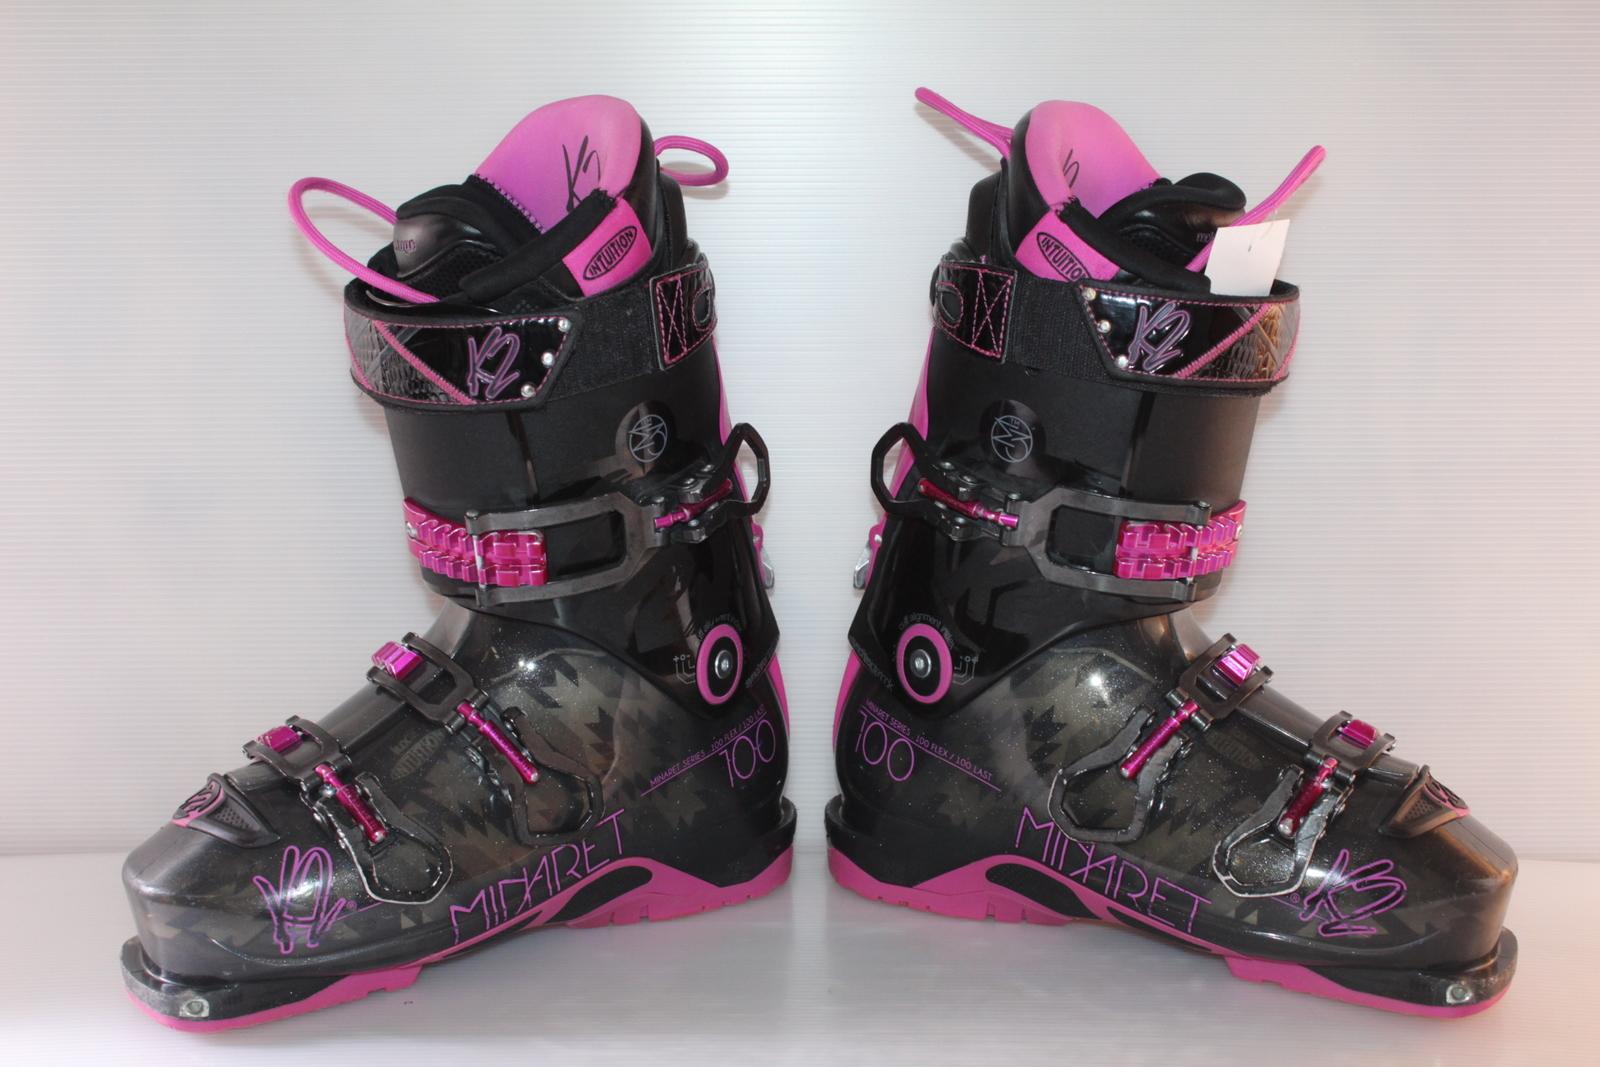 Dámské skialpové boty K2 Minaret 100 - skialp vel. EU41 flexe 100